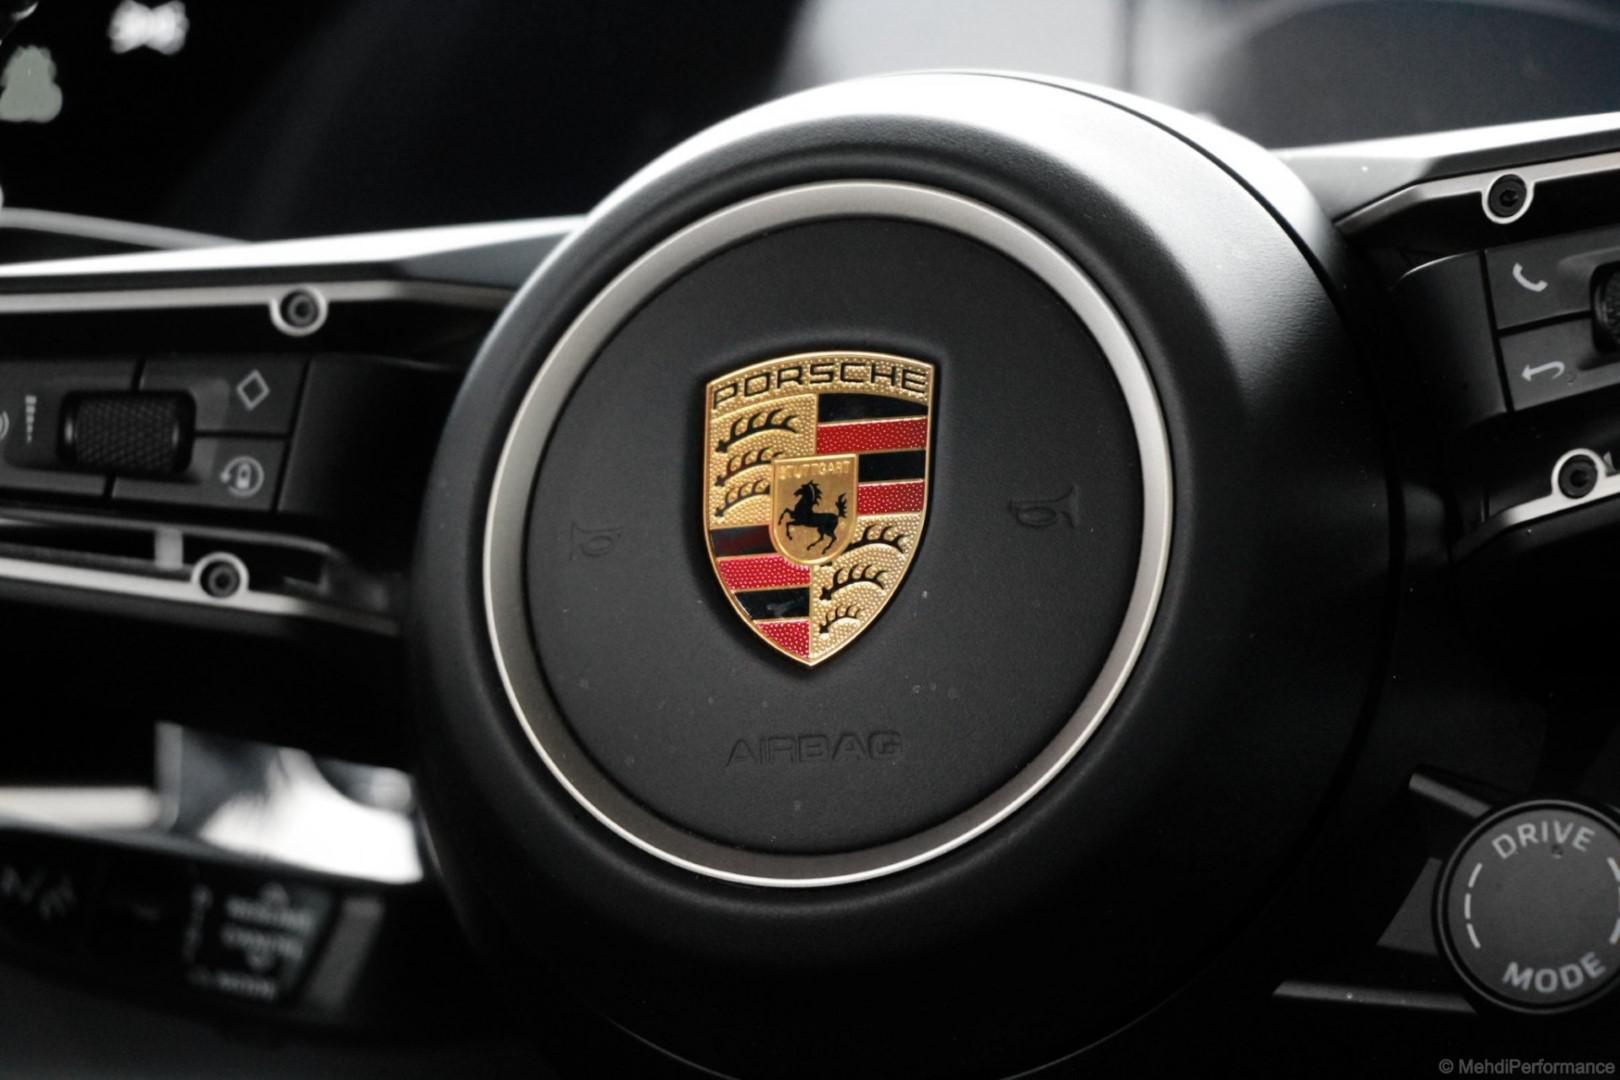 Exclu: À savoir concernant la marque Porsche …